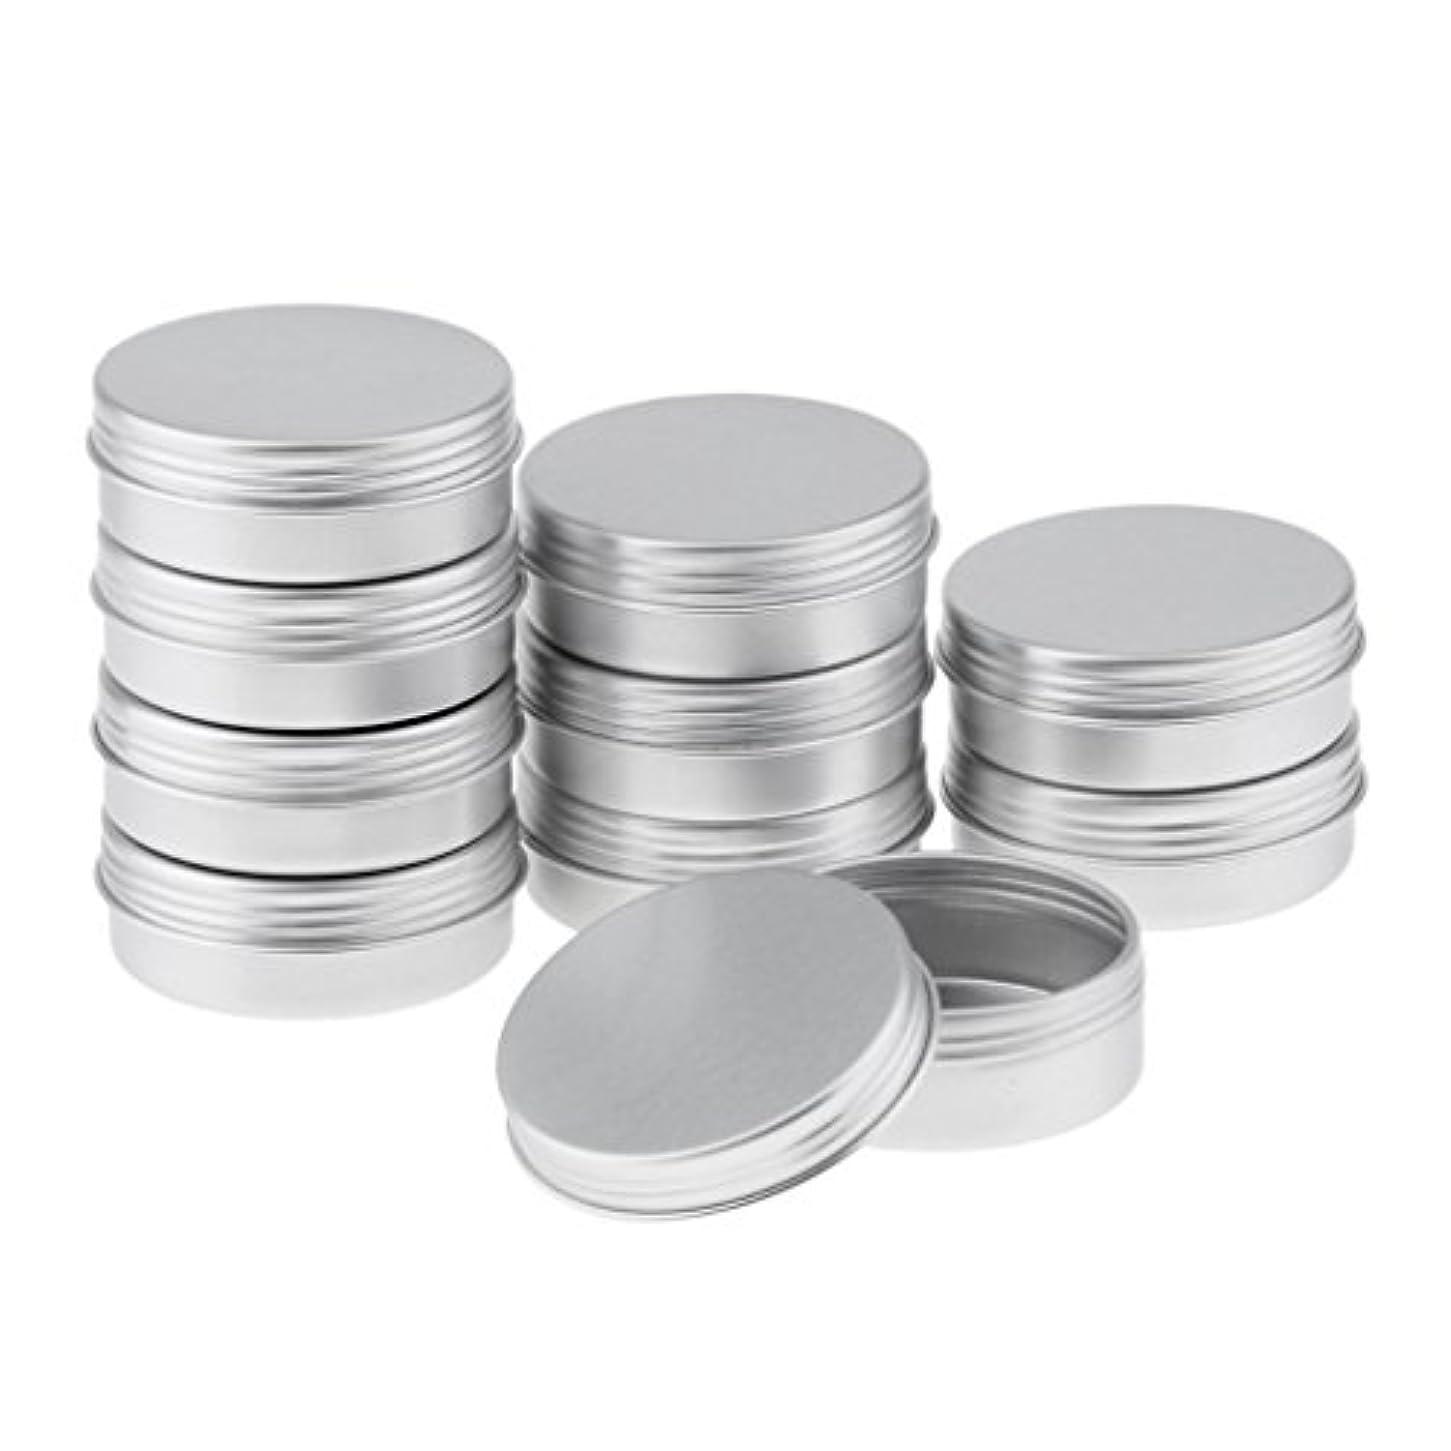 肌寒い姿勢数学10個の15ミリリットルのアルミニウムリップクリーム缶ポット化粧品クリームジャーボトル容器 - 10個25ml